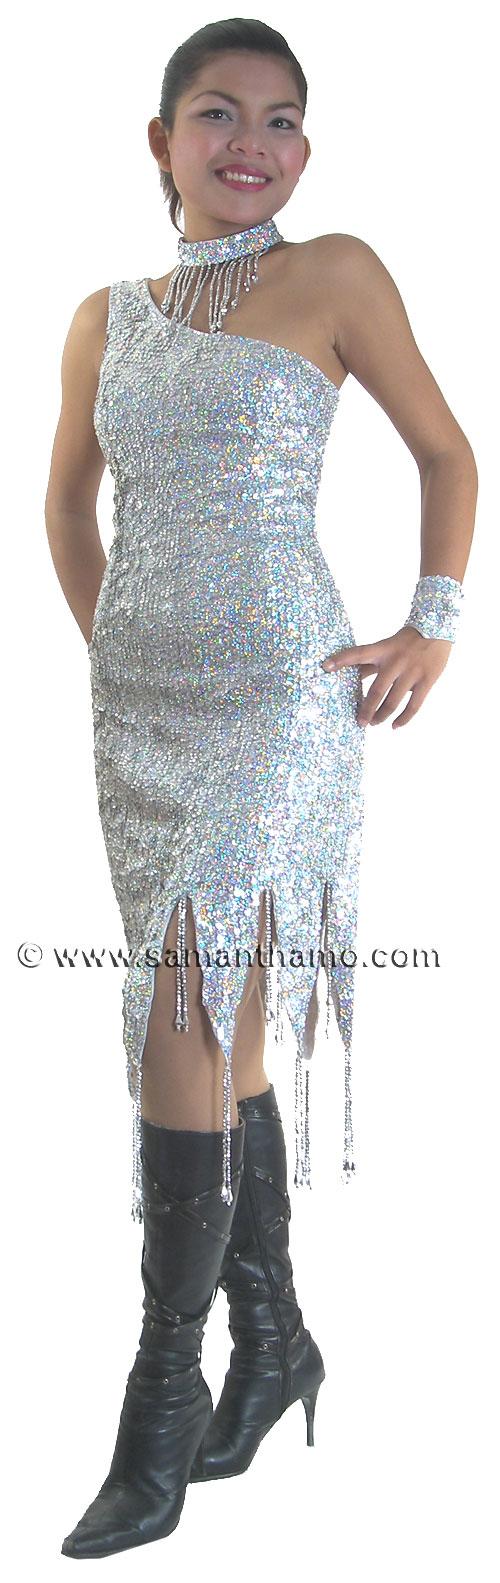 Sequin-Dresses/CT569-one-shoulder-sequin-tassel-fringe-dress.jpg